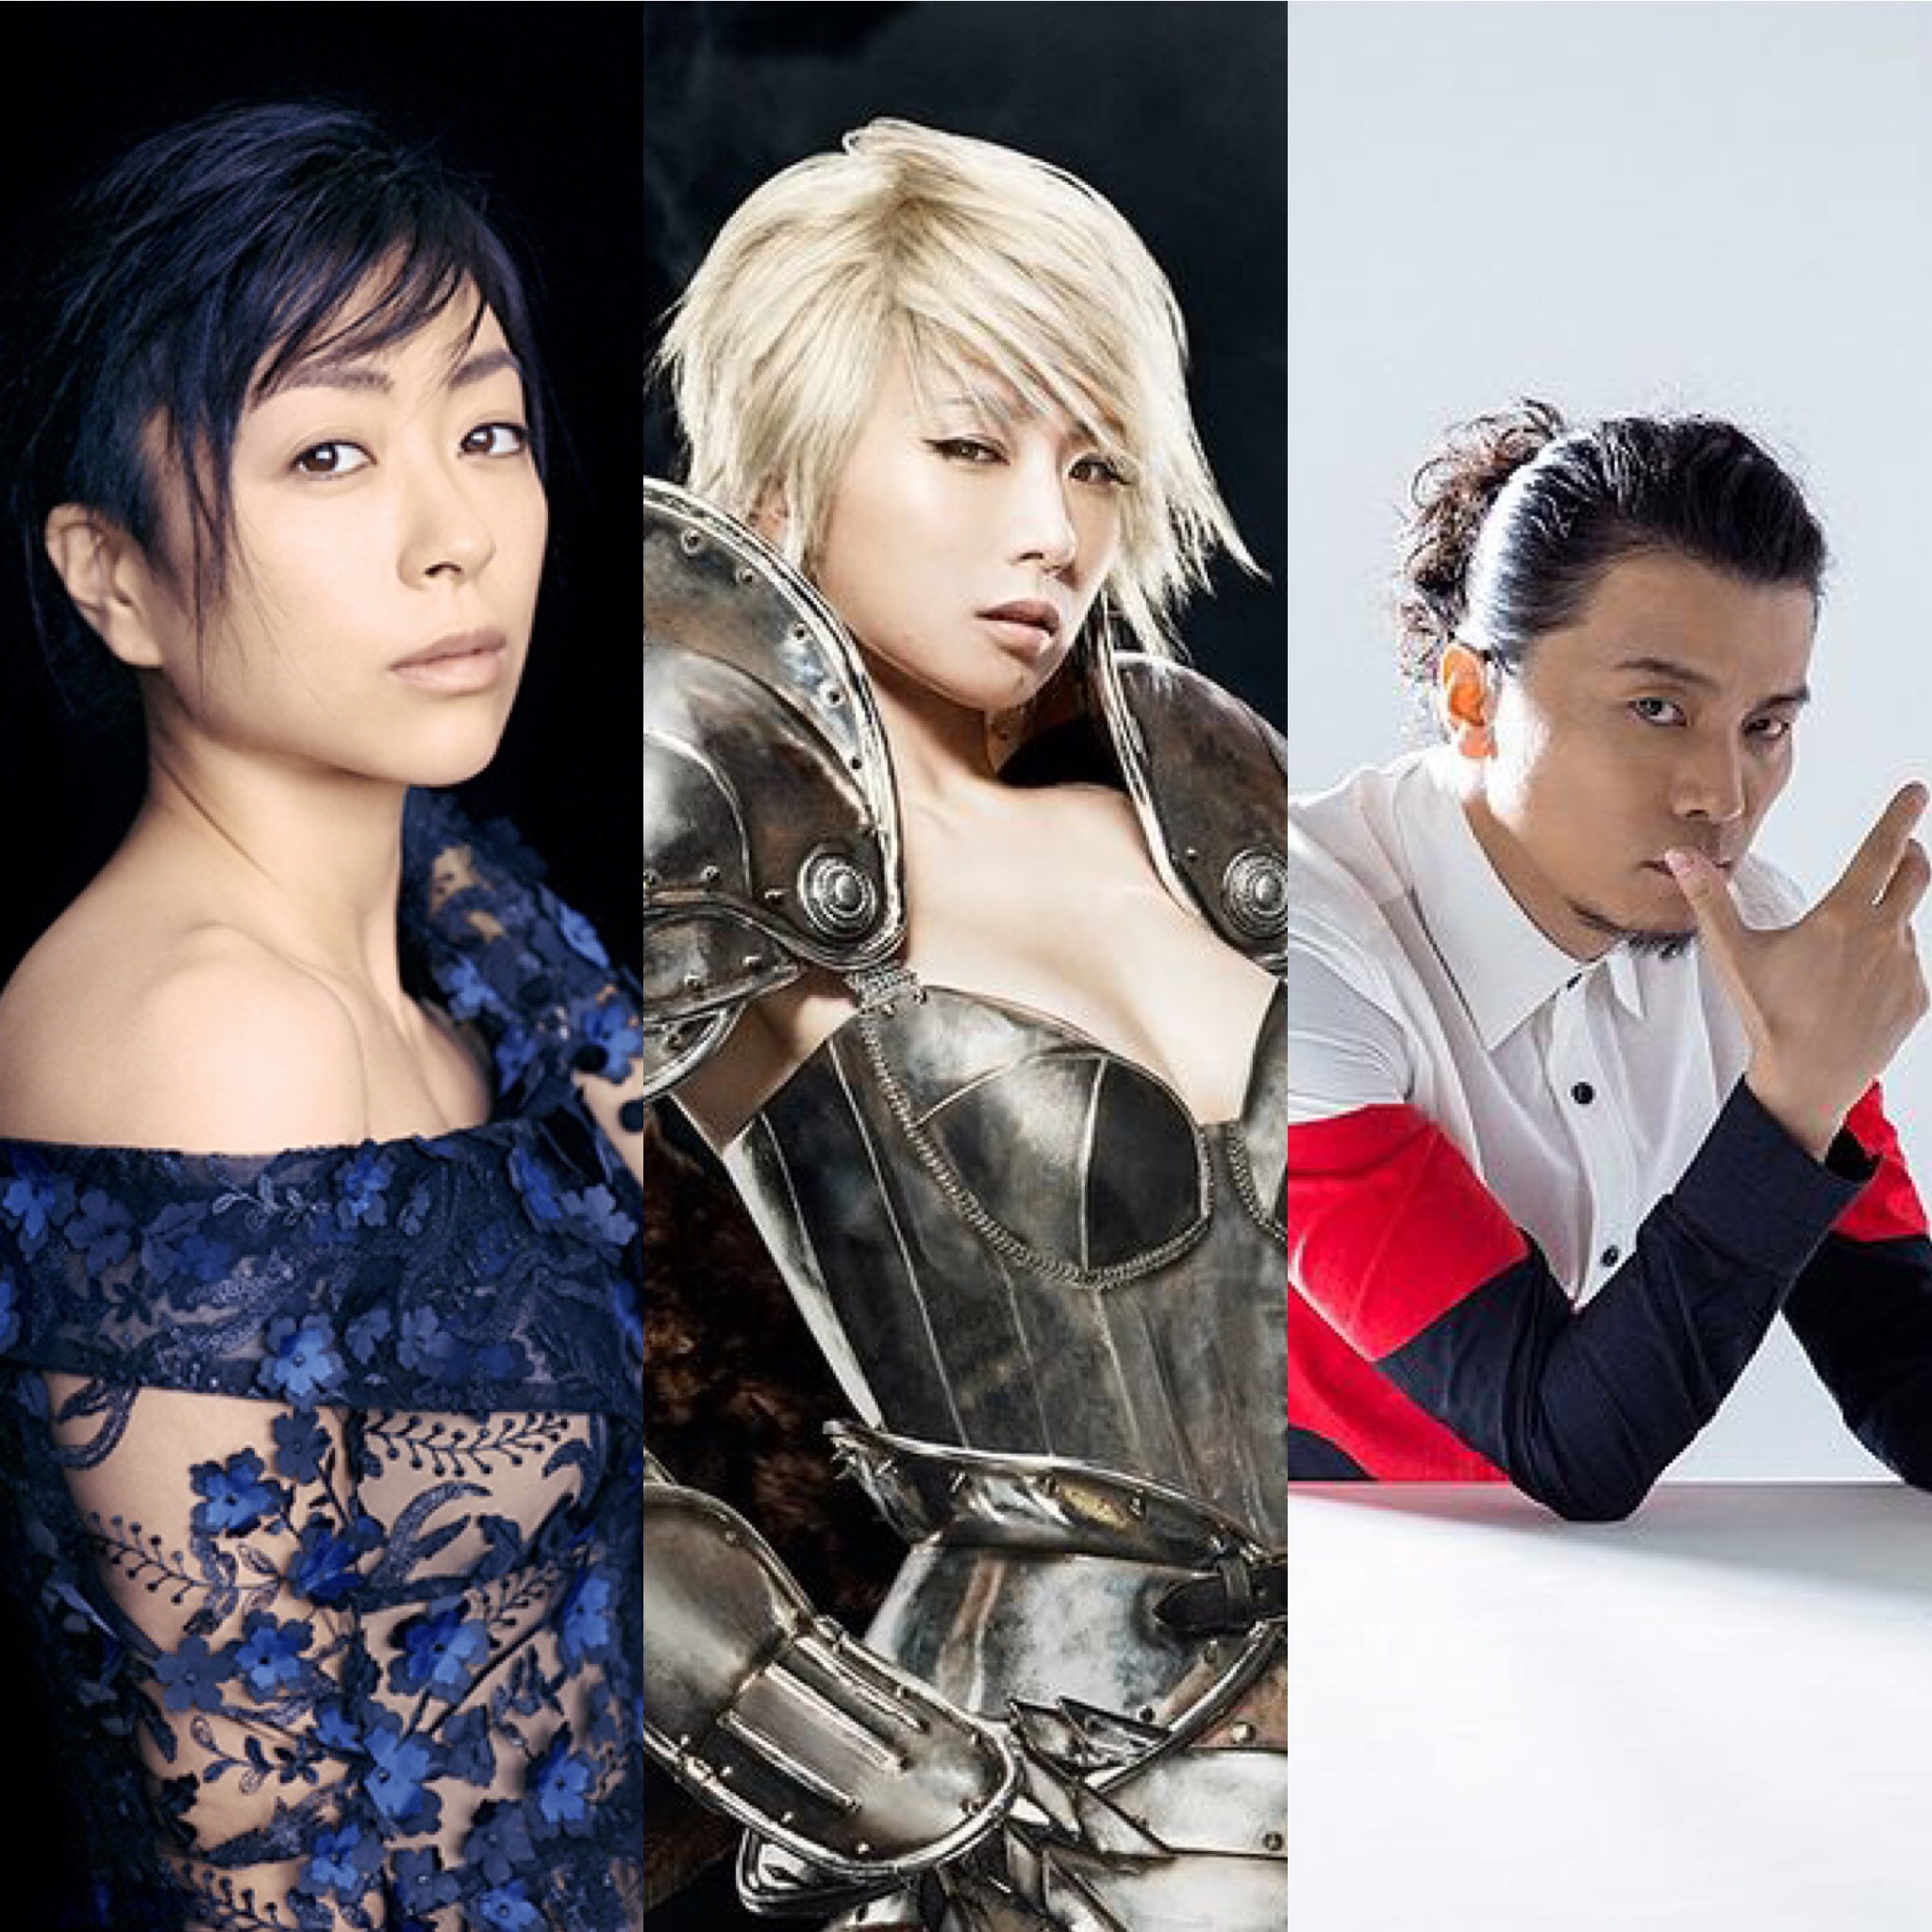 Hikaru Utada, Shiina Ringo, KREVA, & more team up for Yosui Inoue tribute album